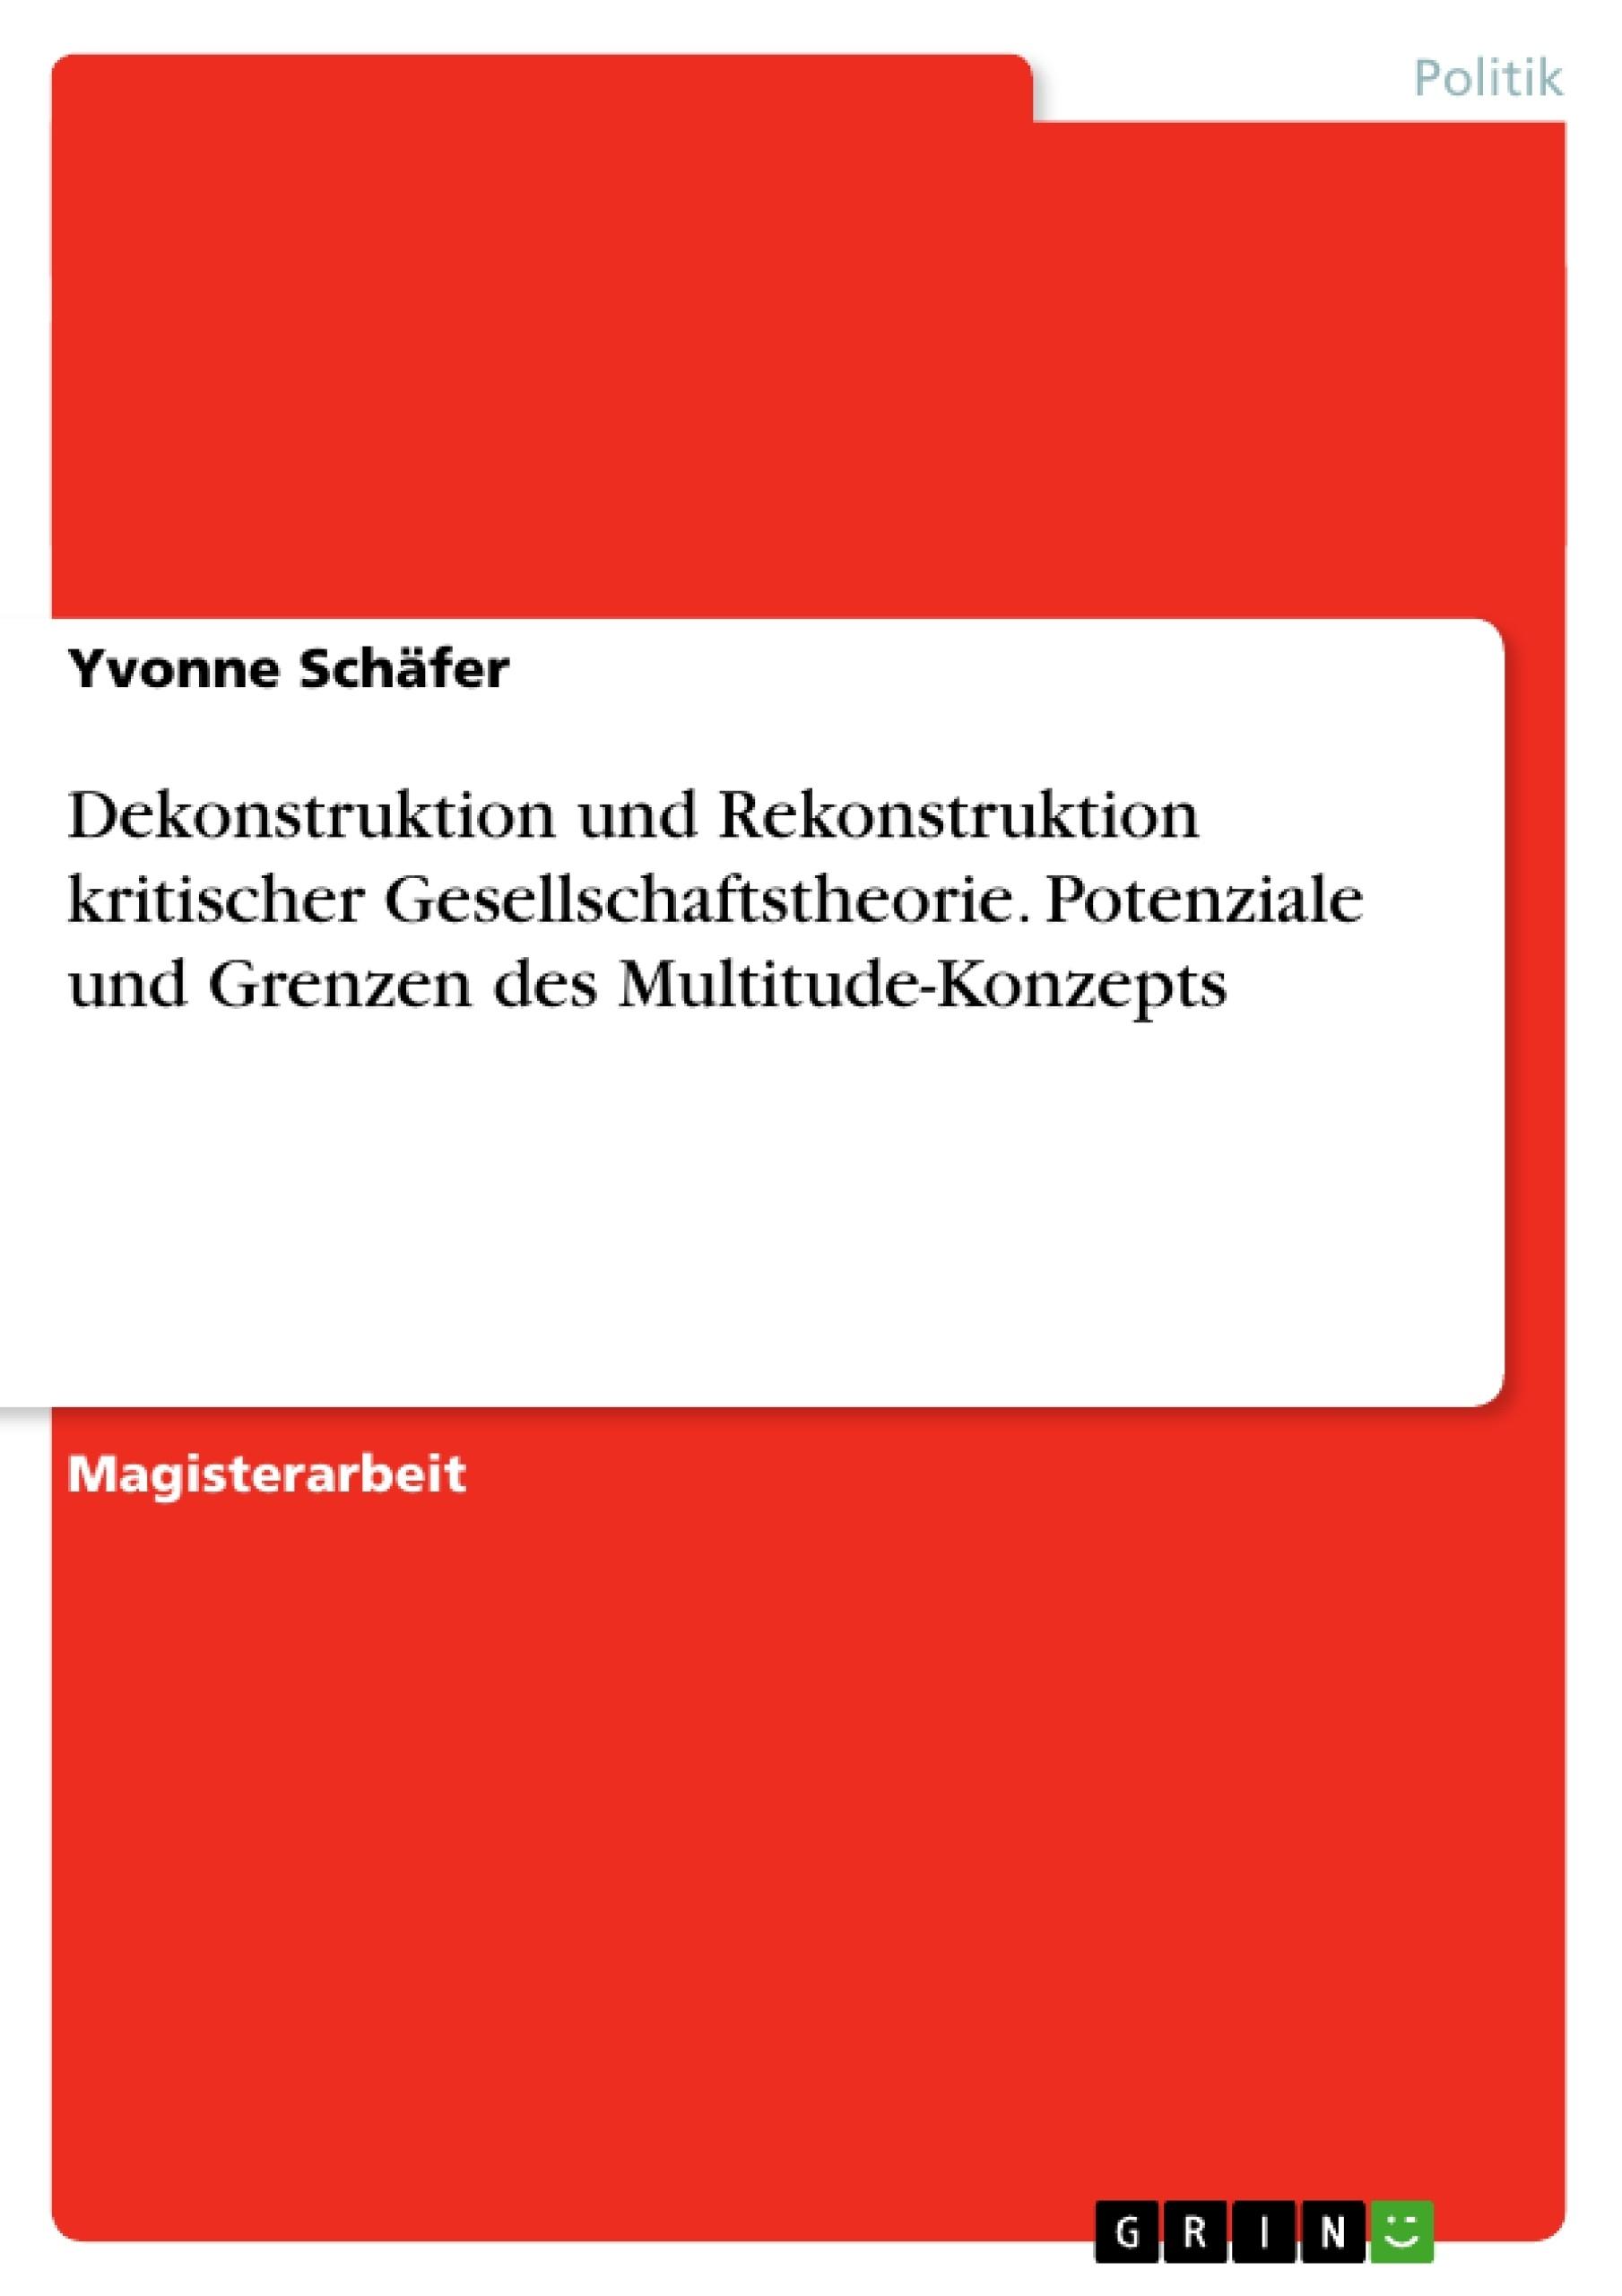 Titel: Dekonstruktion und Rekonstruktion kritischer Gesellschaftstheorie. Potenziale und Grenzen des Multitude-Konzepts